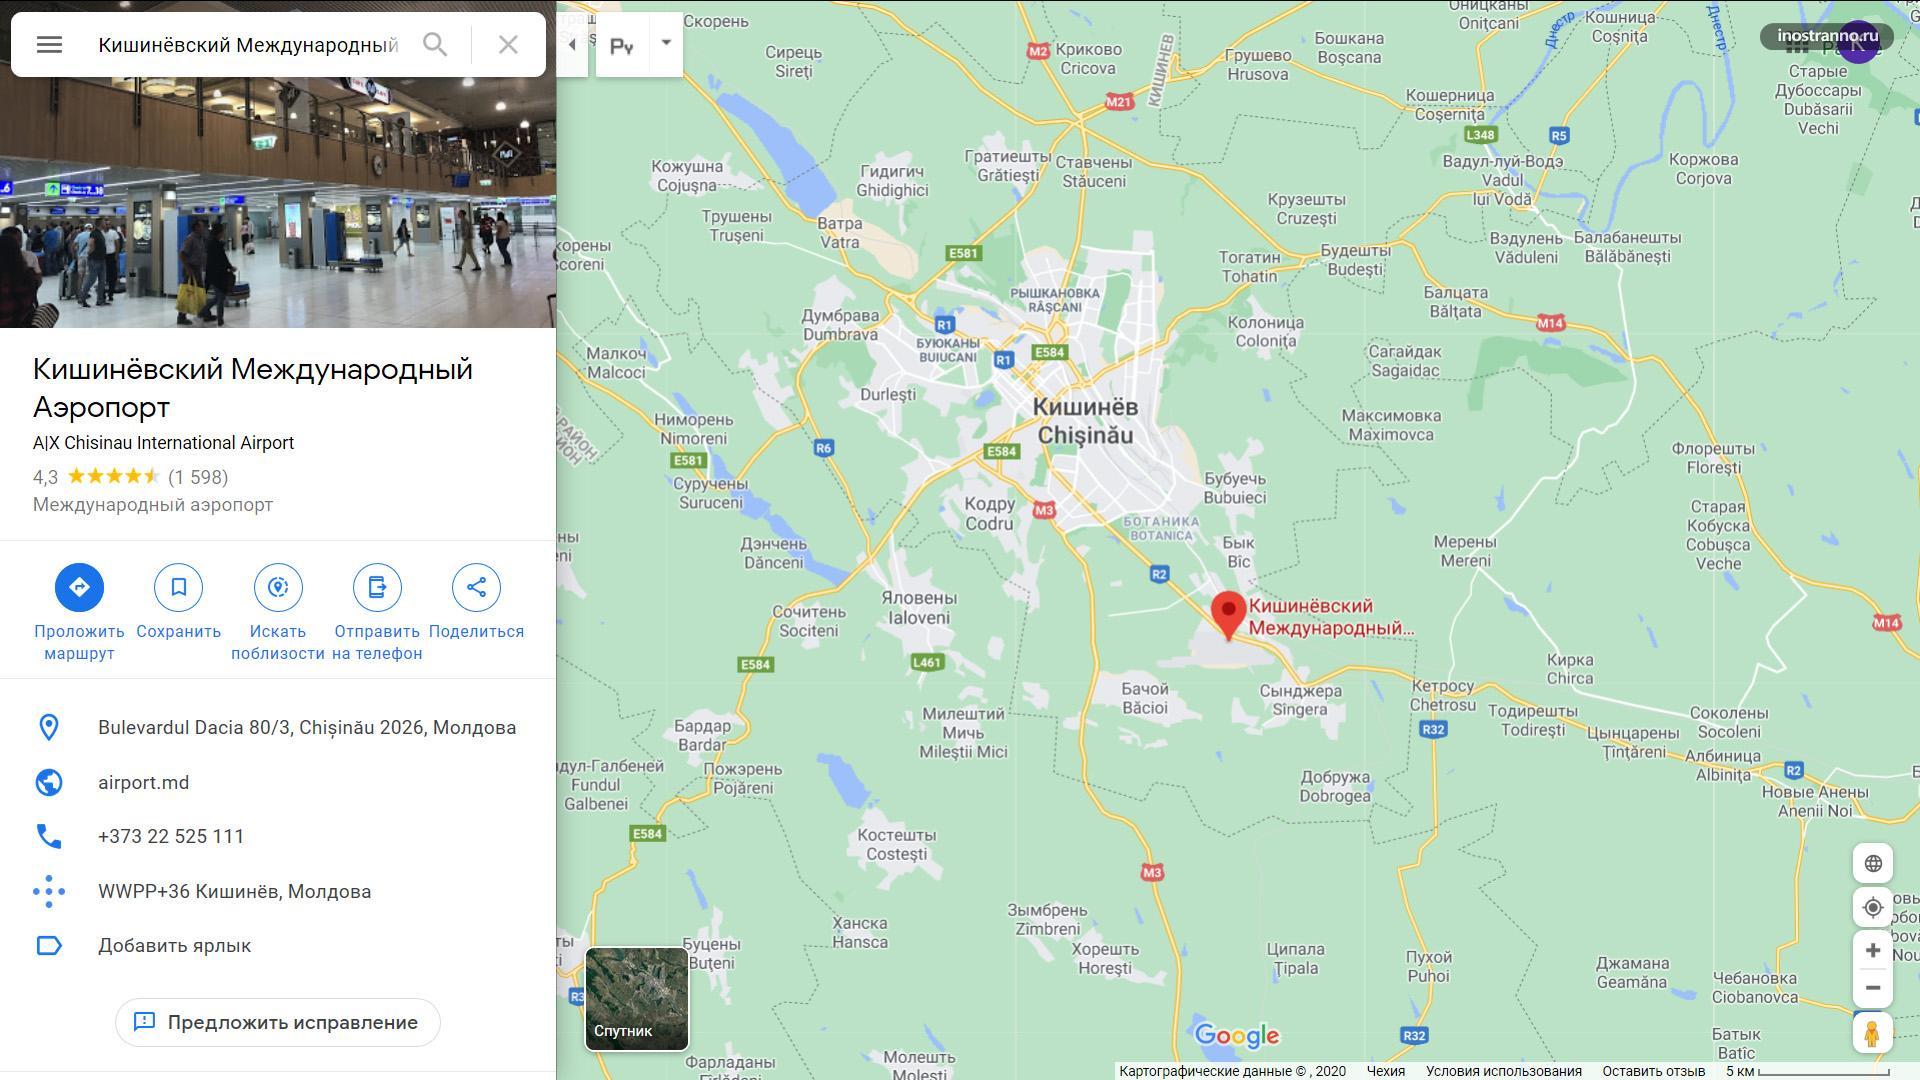 Расположение Международного аэропорта Кишинева на карте